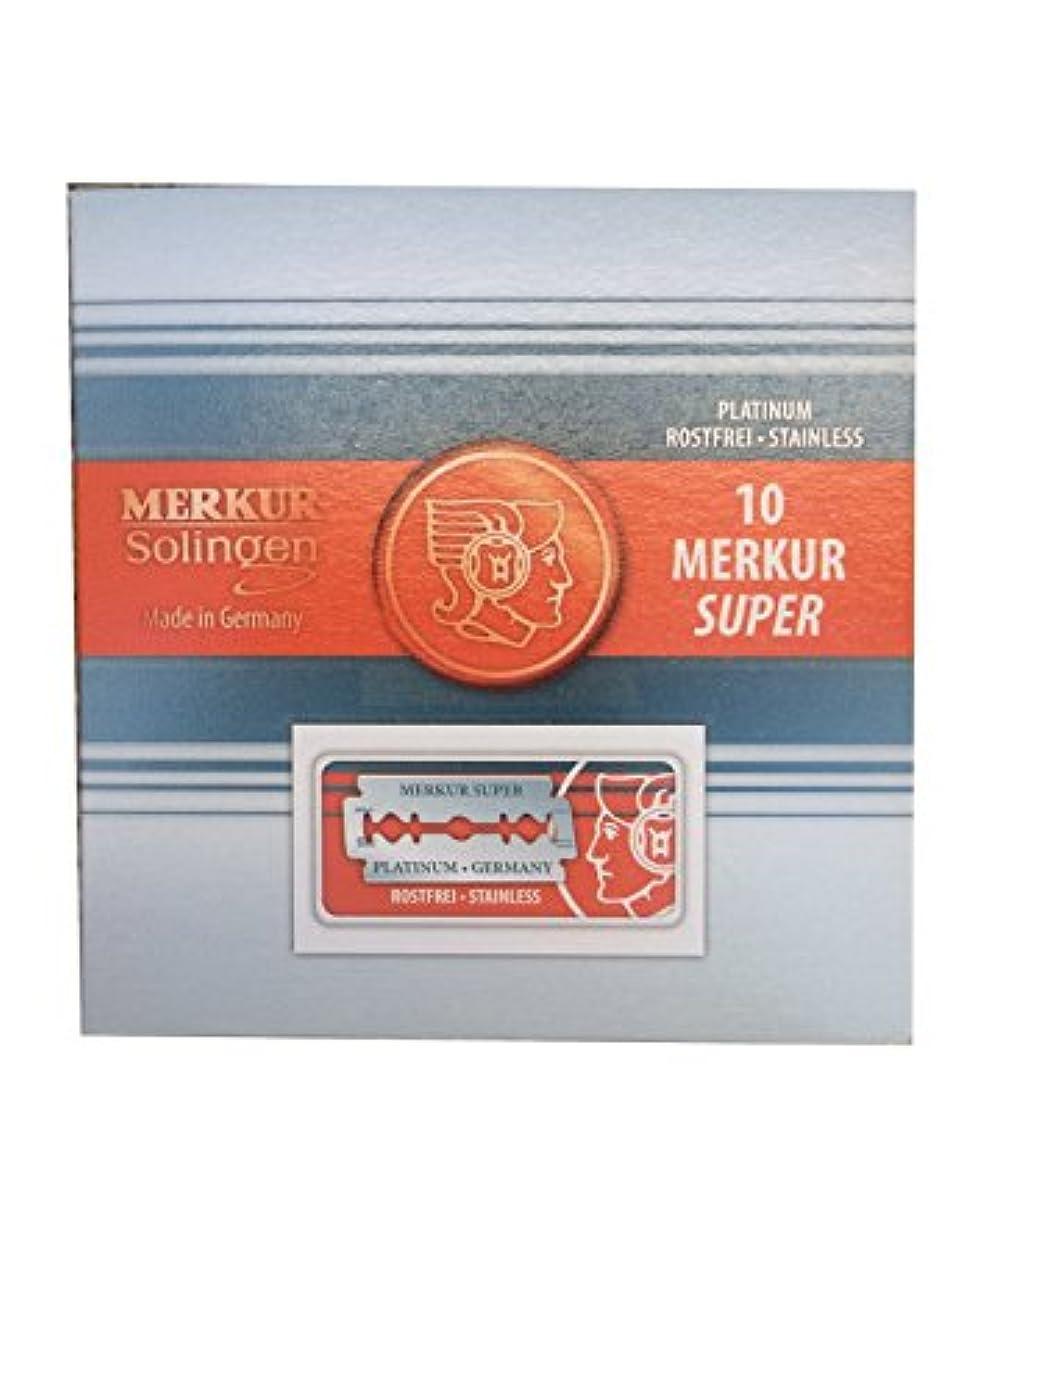 卒業調査重量Merkur Super Platinum 両刃替刃 100枚入り(10枚入り10 個セット)【並行輸入品】